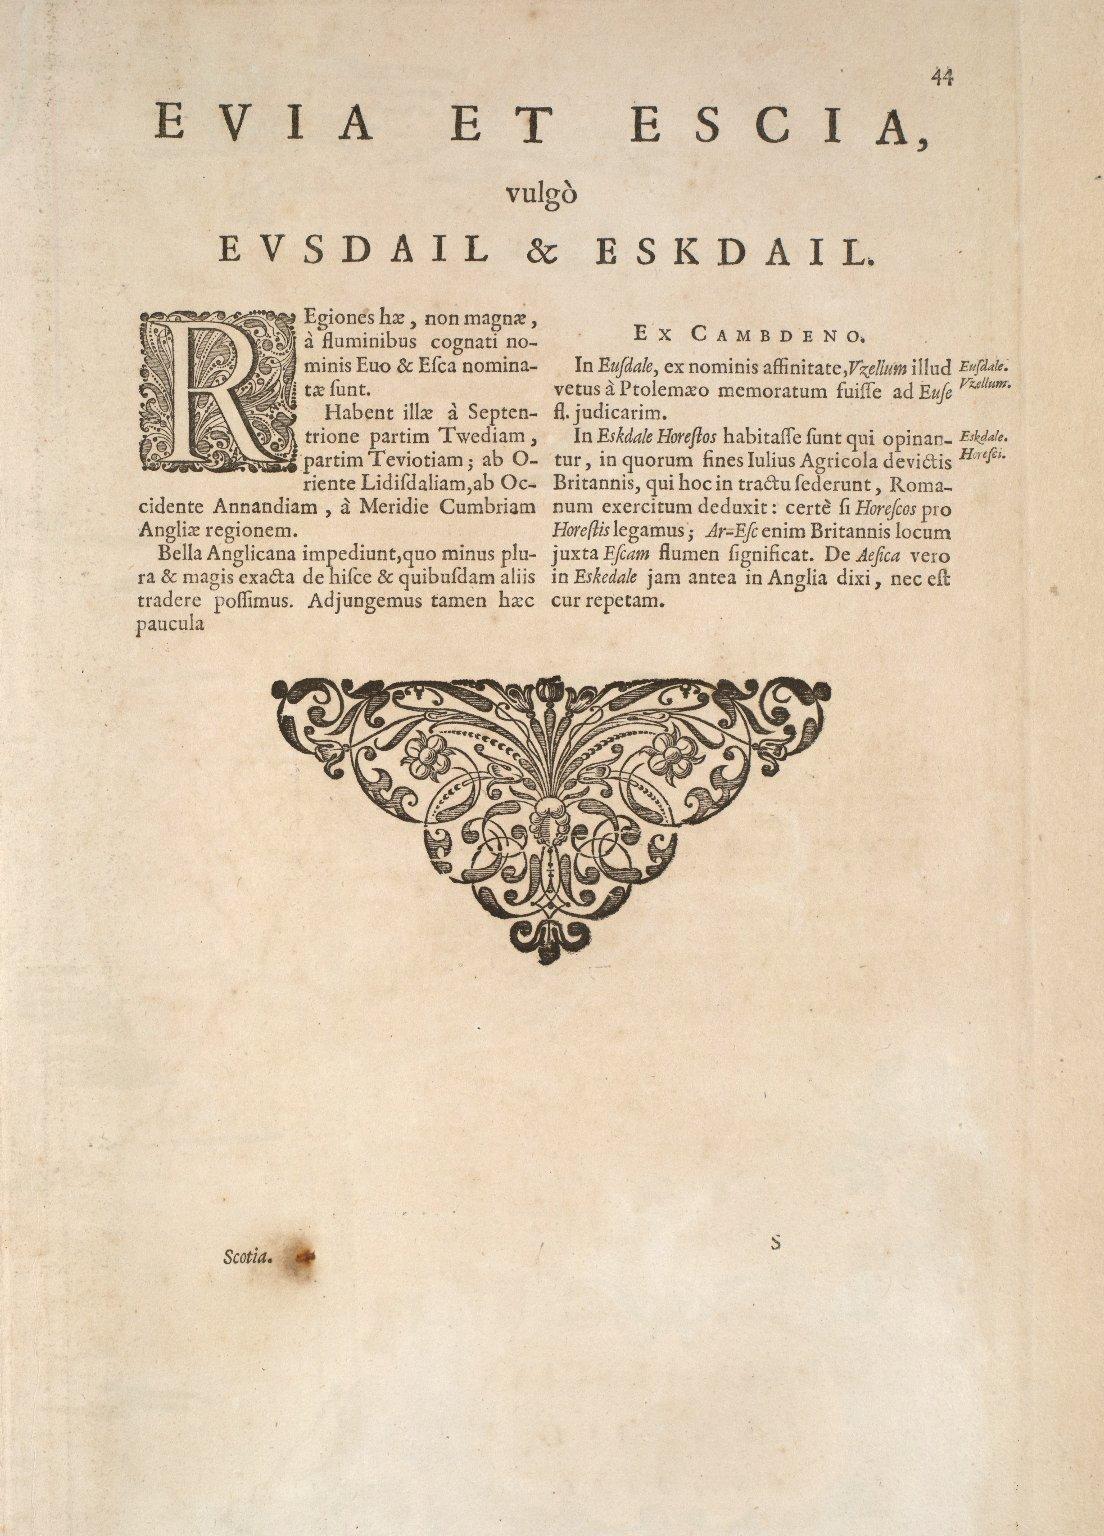 Evia et Escia Scotis, Evsdail et Eskdail [1 of 2]